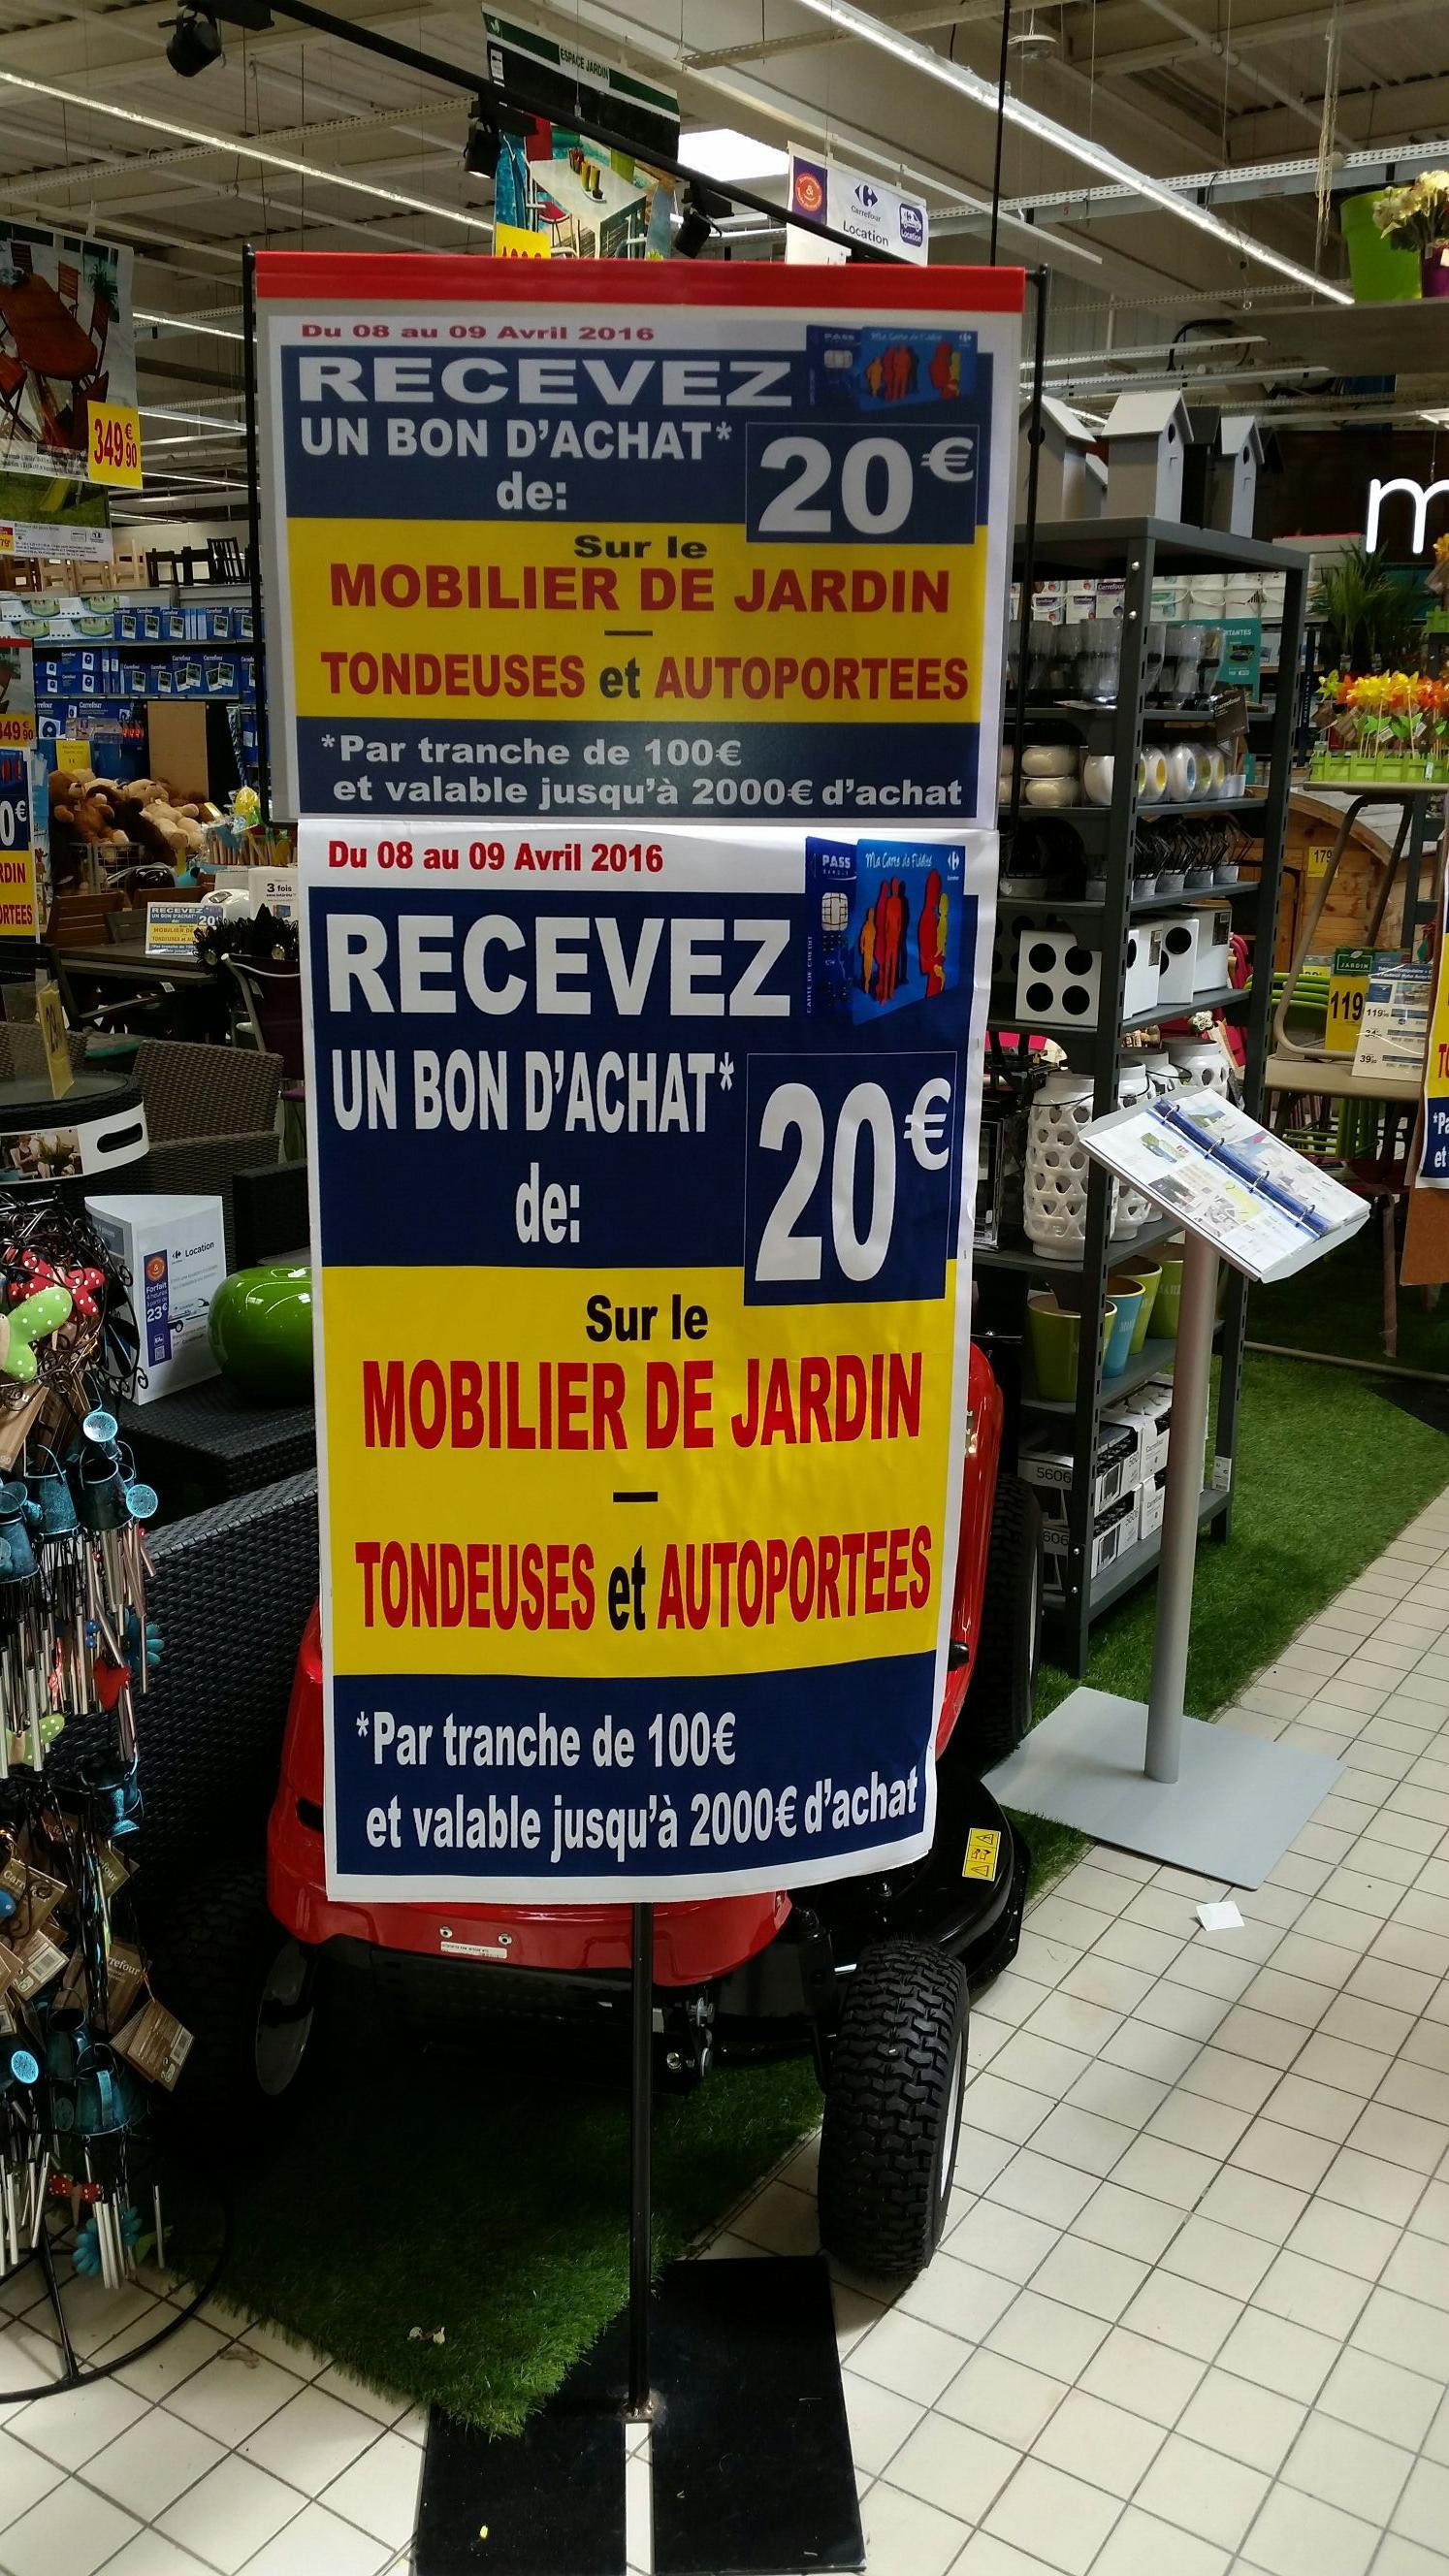 20€ offerts en bon d'achat par tranche de 100€ sur le Mobilier de jardin et les Tondeuses